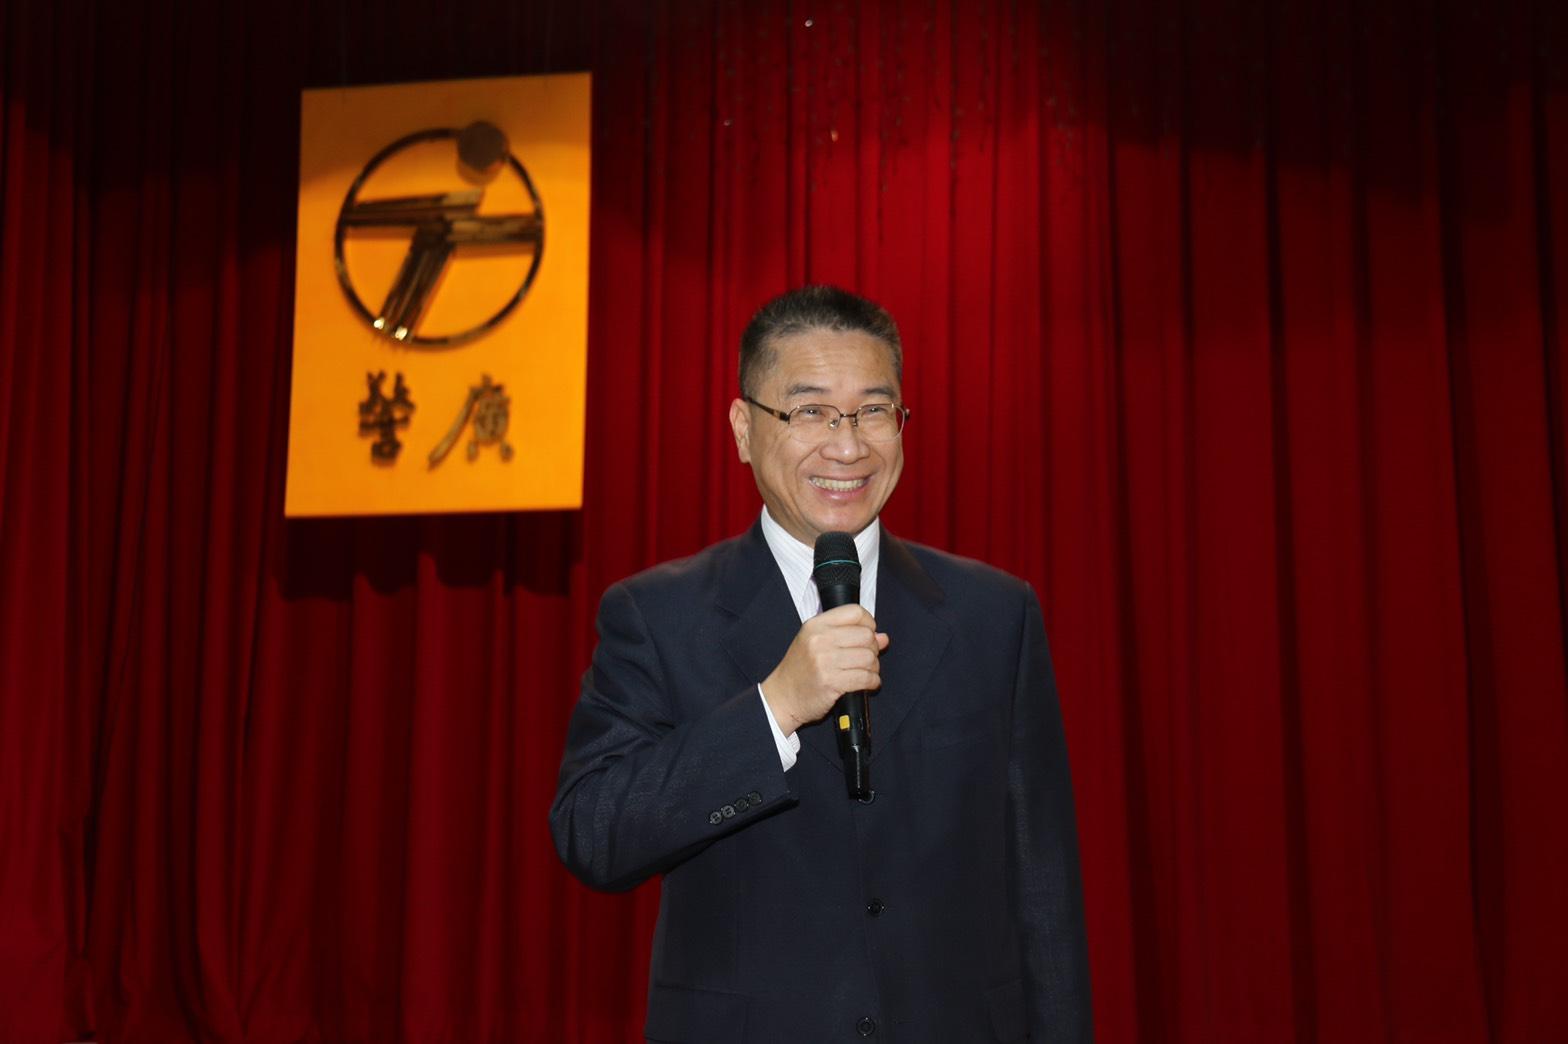 部長徐國勇肯定警廣製作優質節目